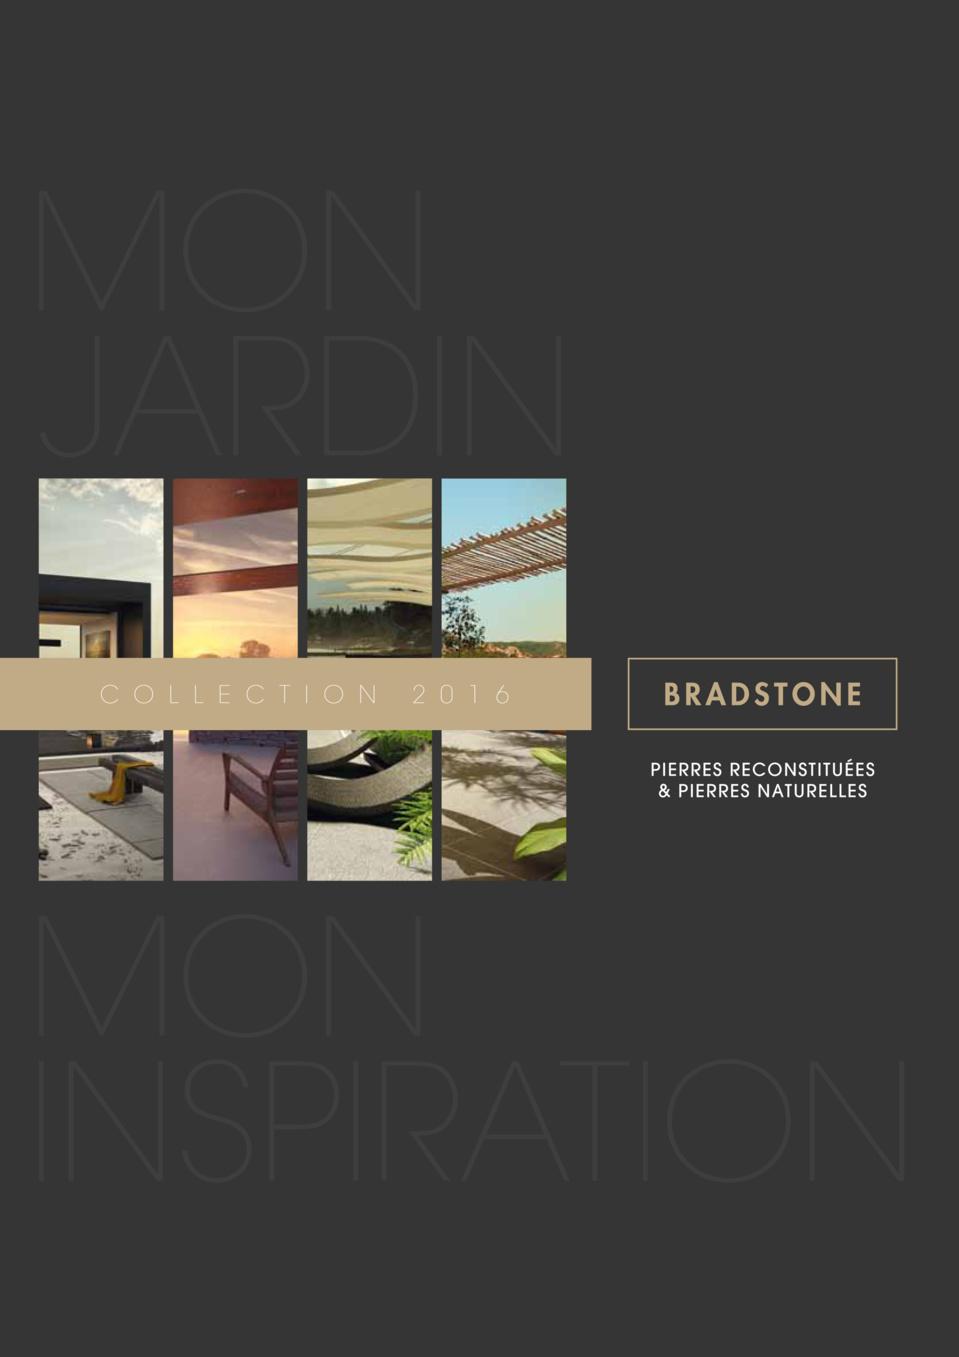 Catalogue BRADSTONE 2016 - Le minéral prend vie dans nos jardins - Zoom sur la pierre naturelle